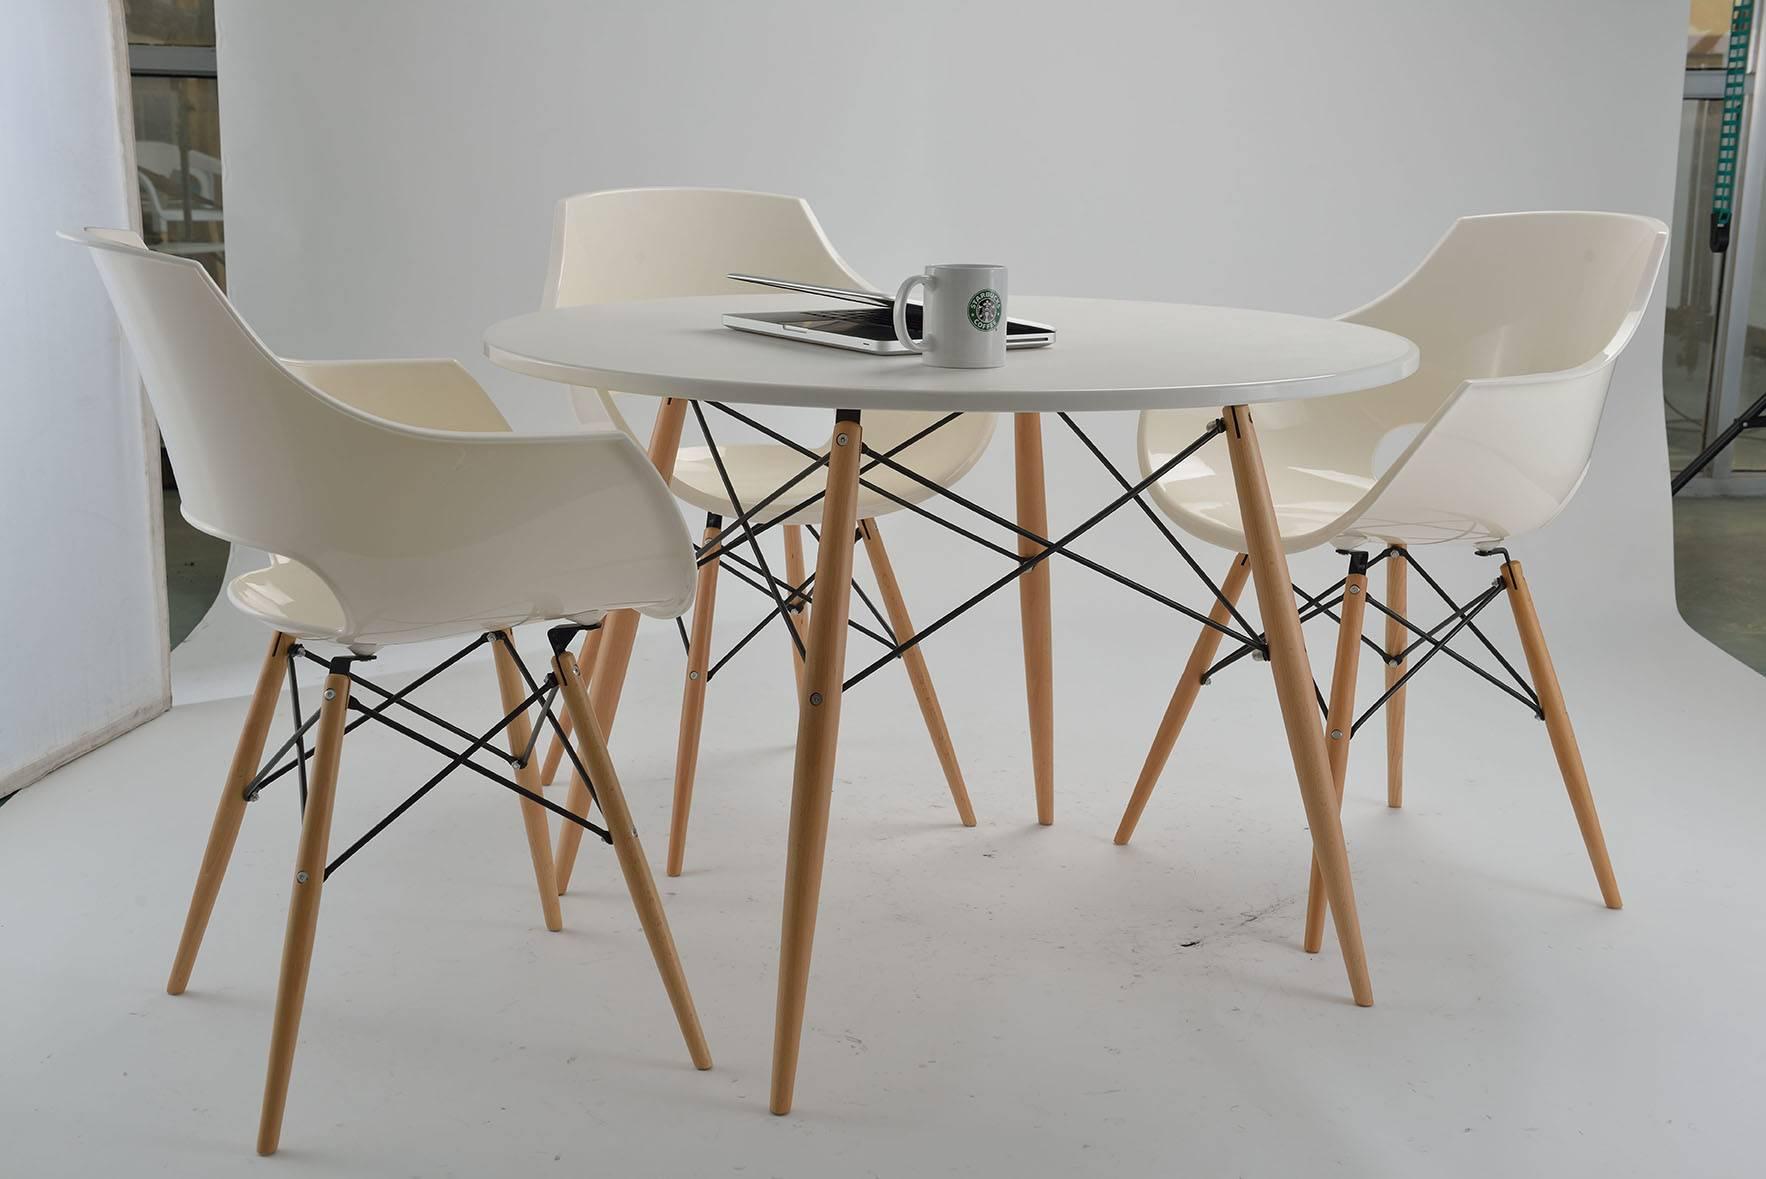 Modern Design White DSW Plastic Armrest Chair for Restaurant and Hotel